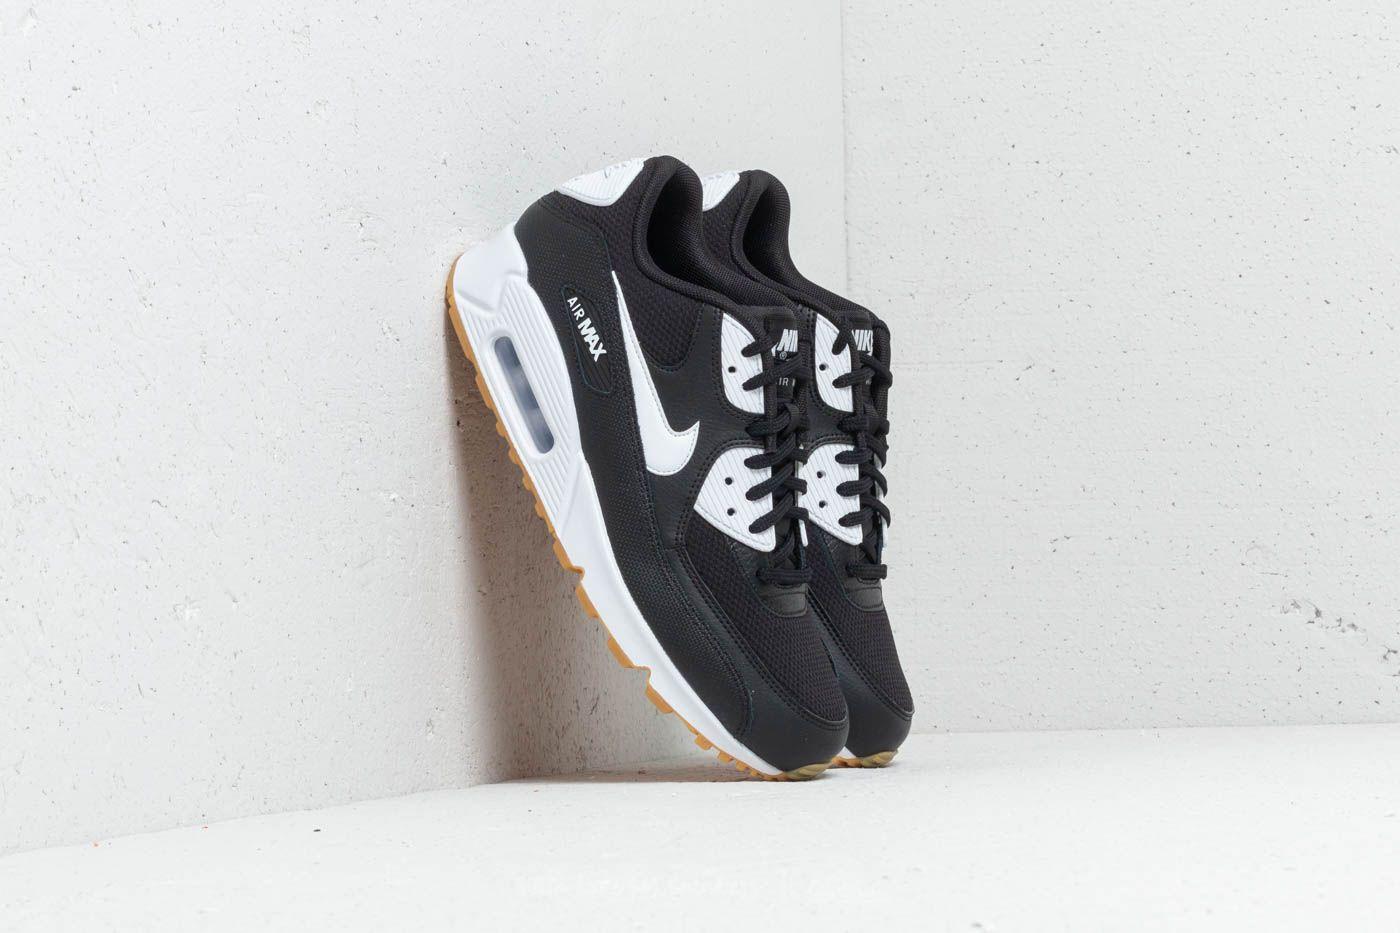 345e63b07e Nike Wmns Air Max 90 Black/ White-Gum Light Brown | Footshop